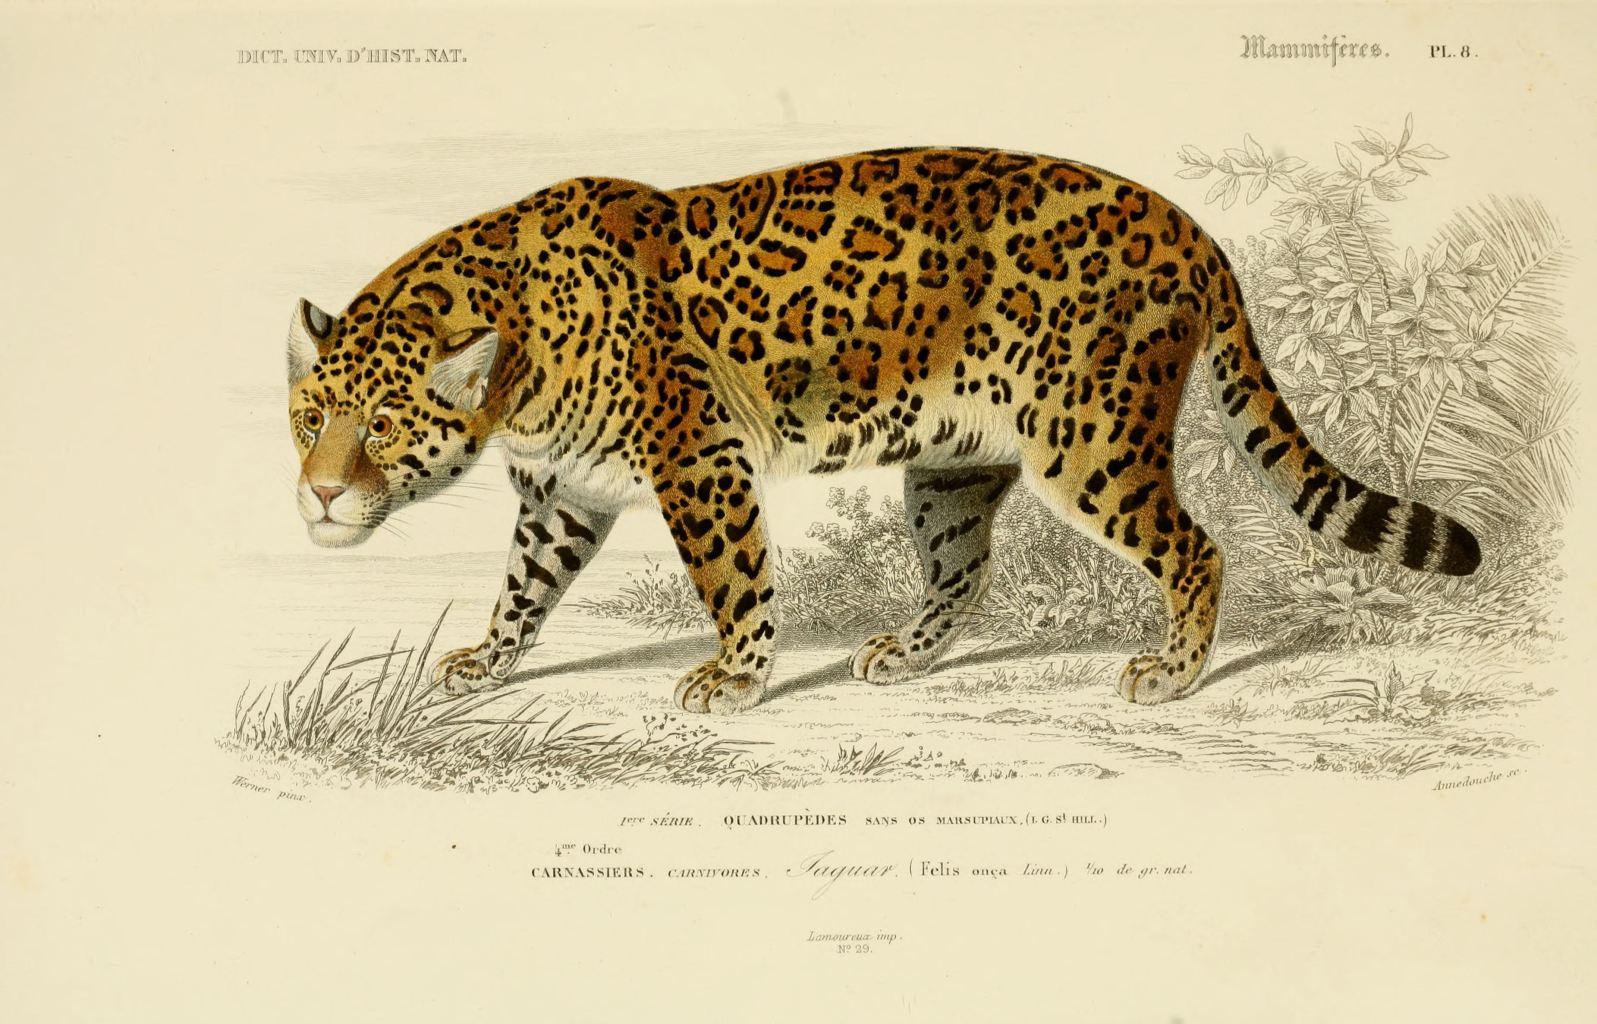 Gravures mammiferes gravure mammifere 0087 jaguar - Jaguar dessin ...